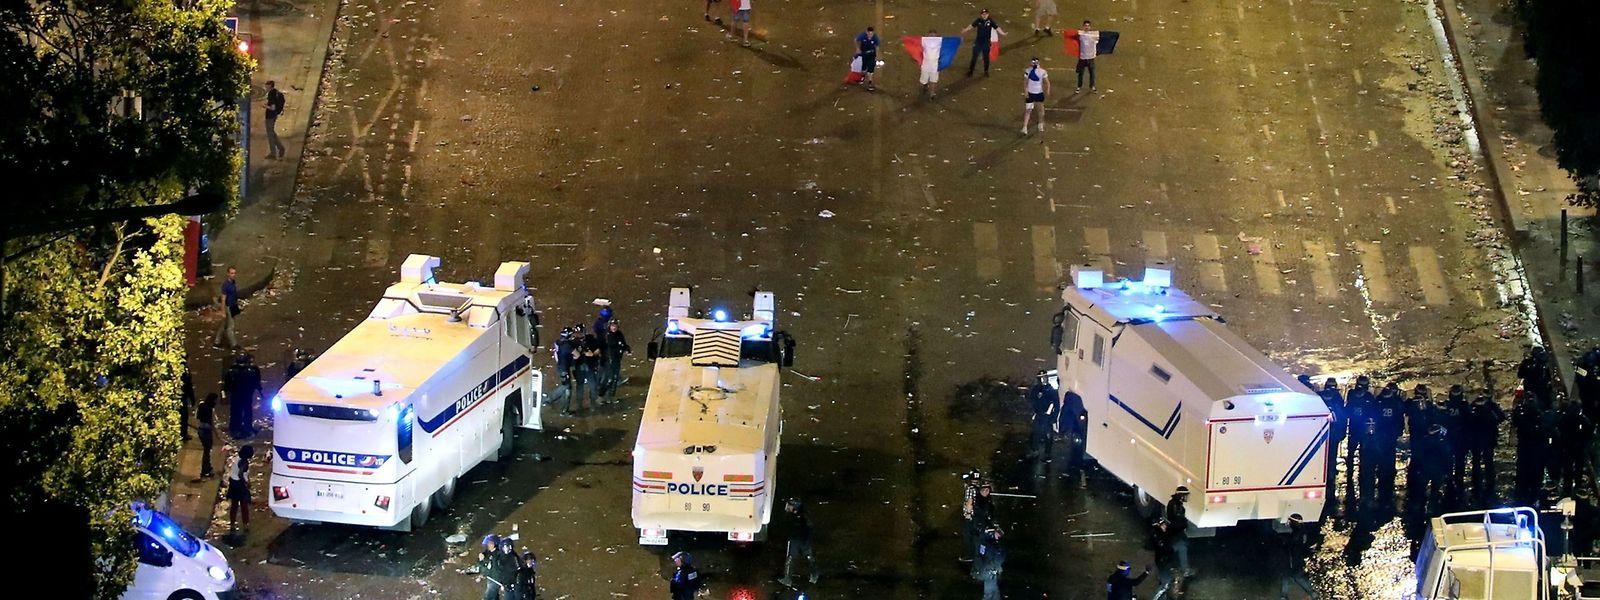 Des échauffourées se sont produites entre forces de l'ordre et groupes de «casseurs», échangeant jets de bouteilles ou de chaises contre gaz lacrymogène, sur les Champs-Elysées.